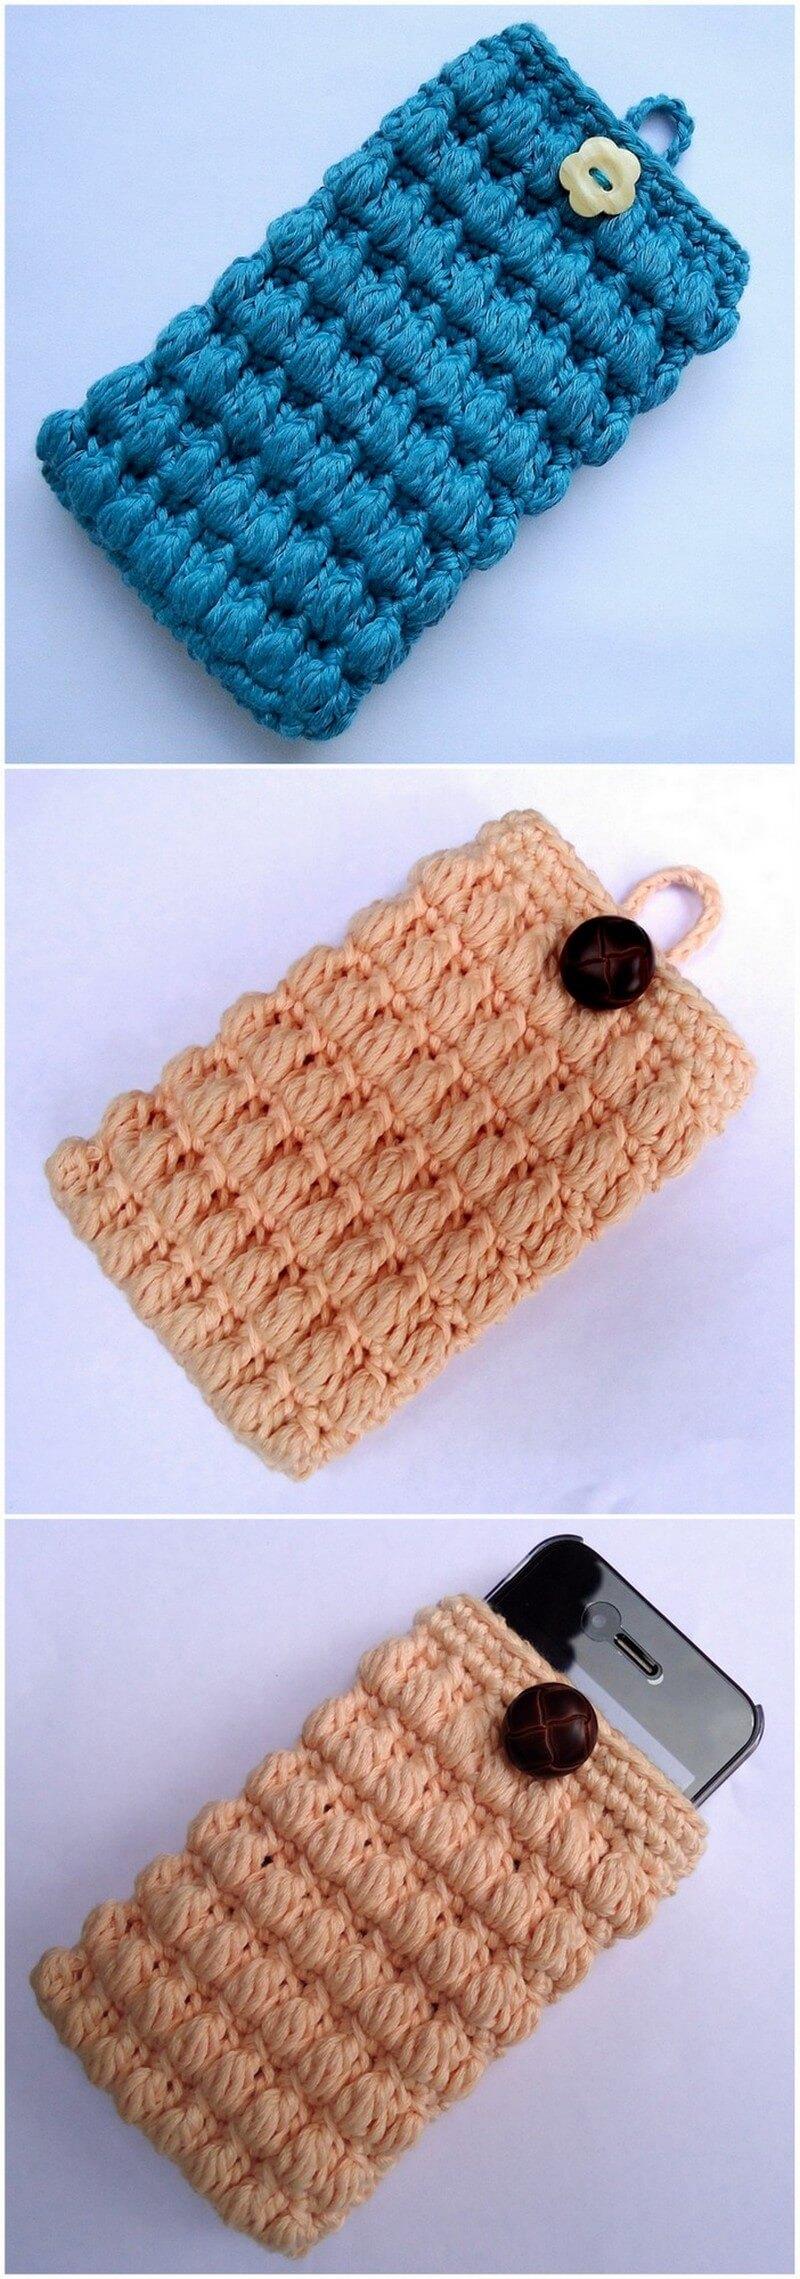 Crochet Mobile Cover Pattern (13)